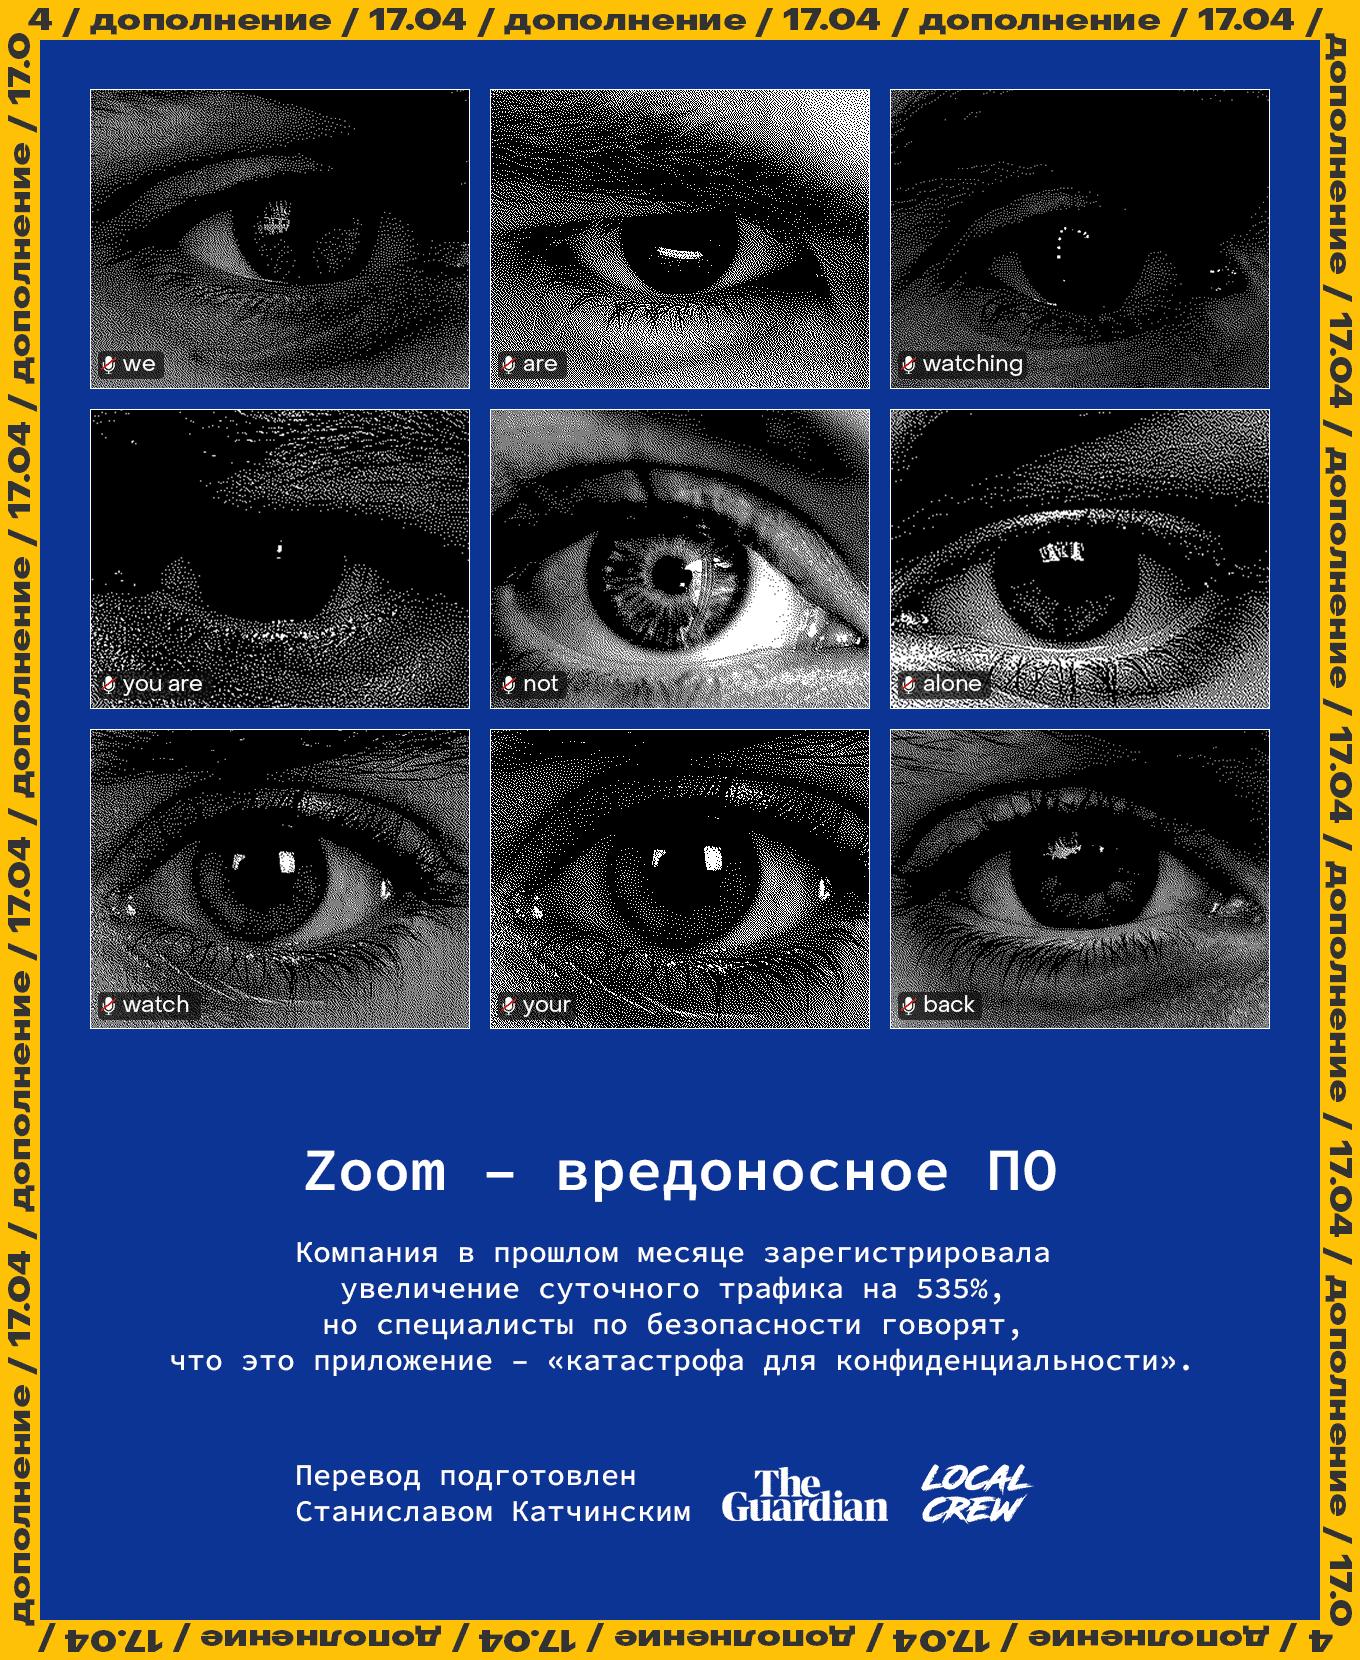 Zoom – вредоносное ПО (дополнено)